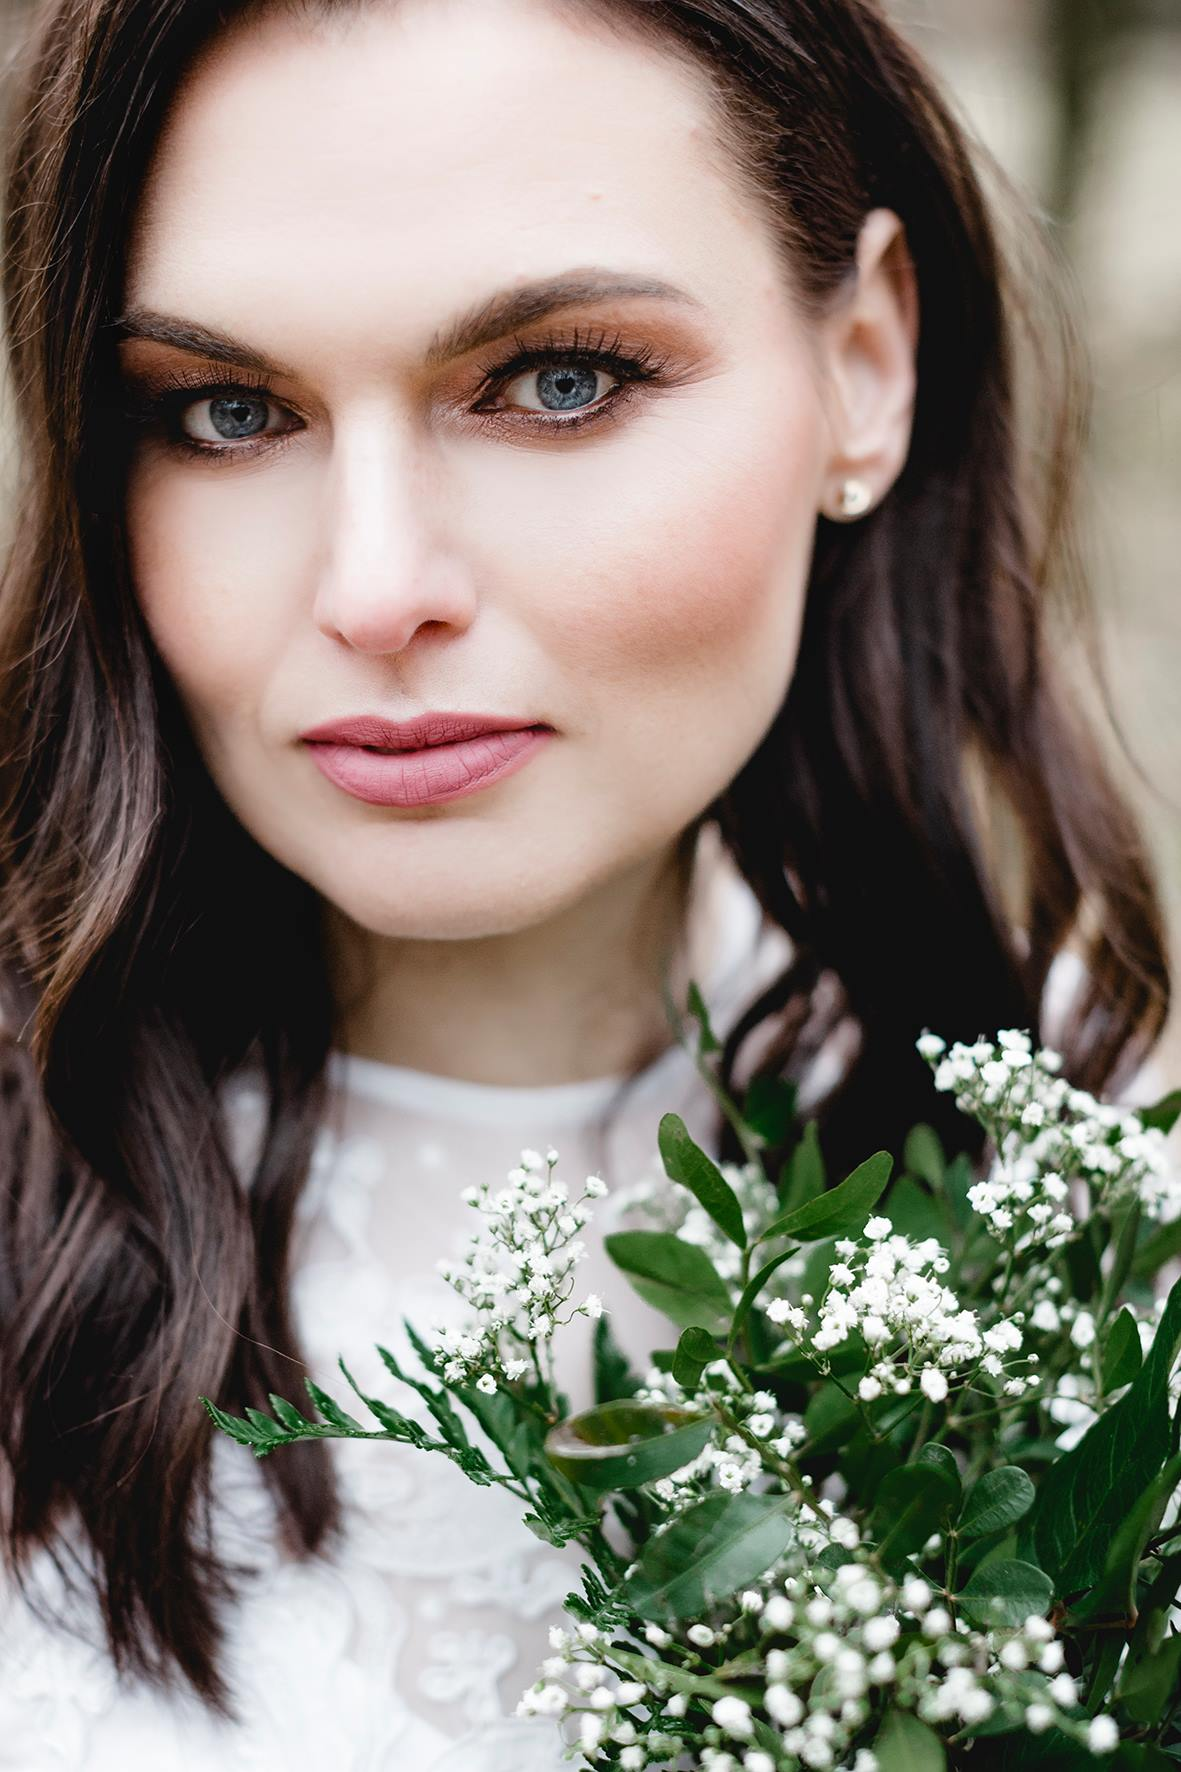 Brautstyling, Brautmakeup, Hochzeit, Braut Fotoshooting, Heiraten